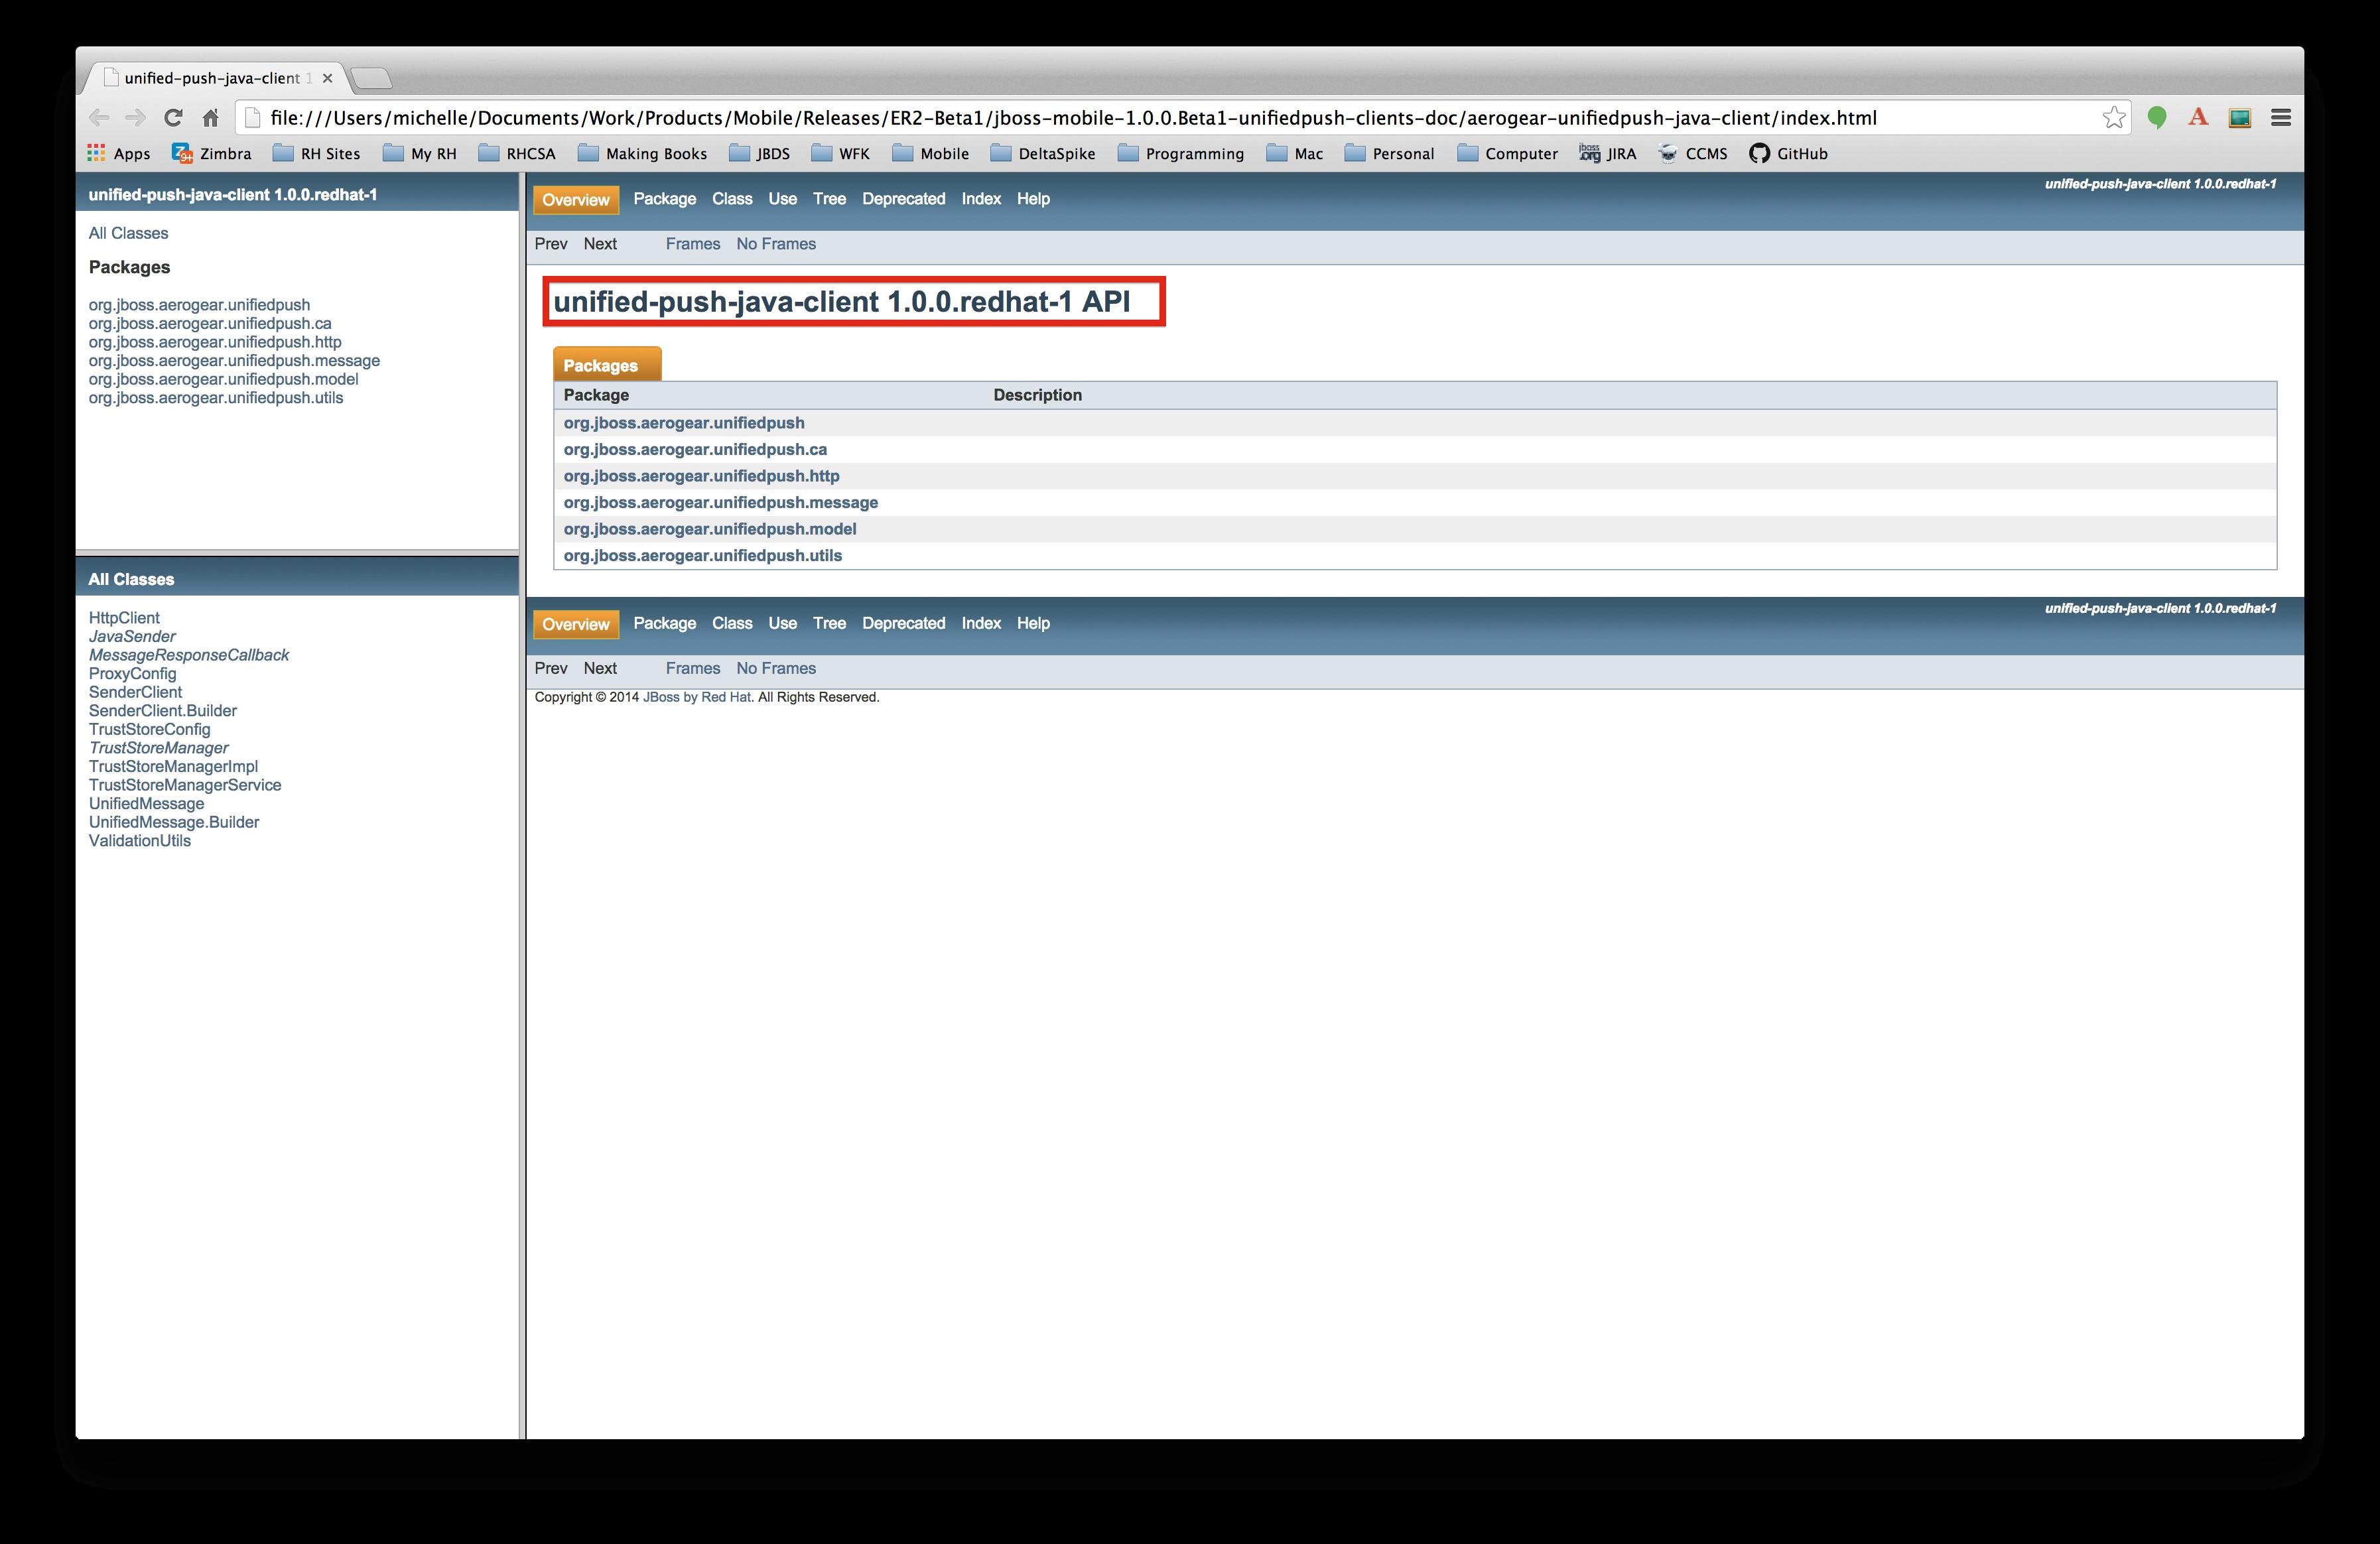 AEROGEAR-6127] Make titles of javadocs consistent - JBoss Issue Tracker